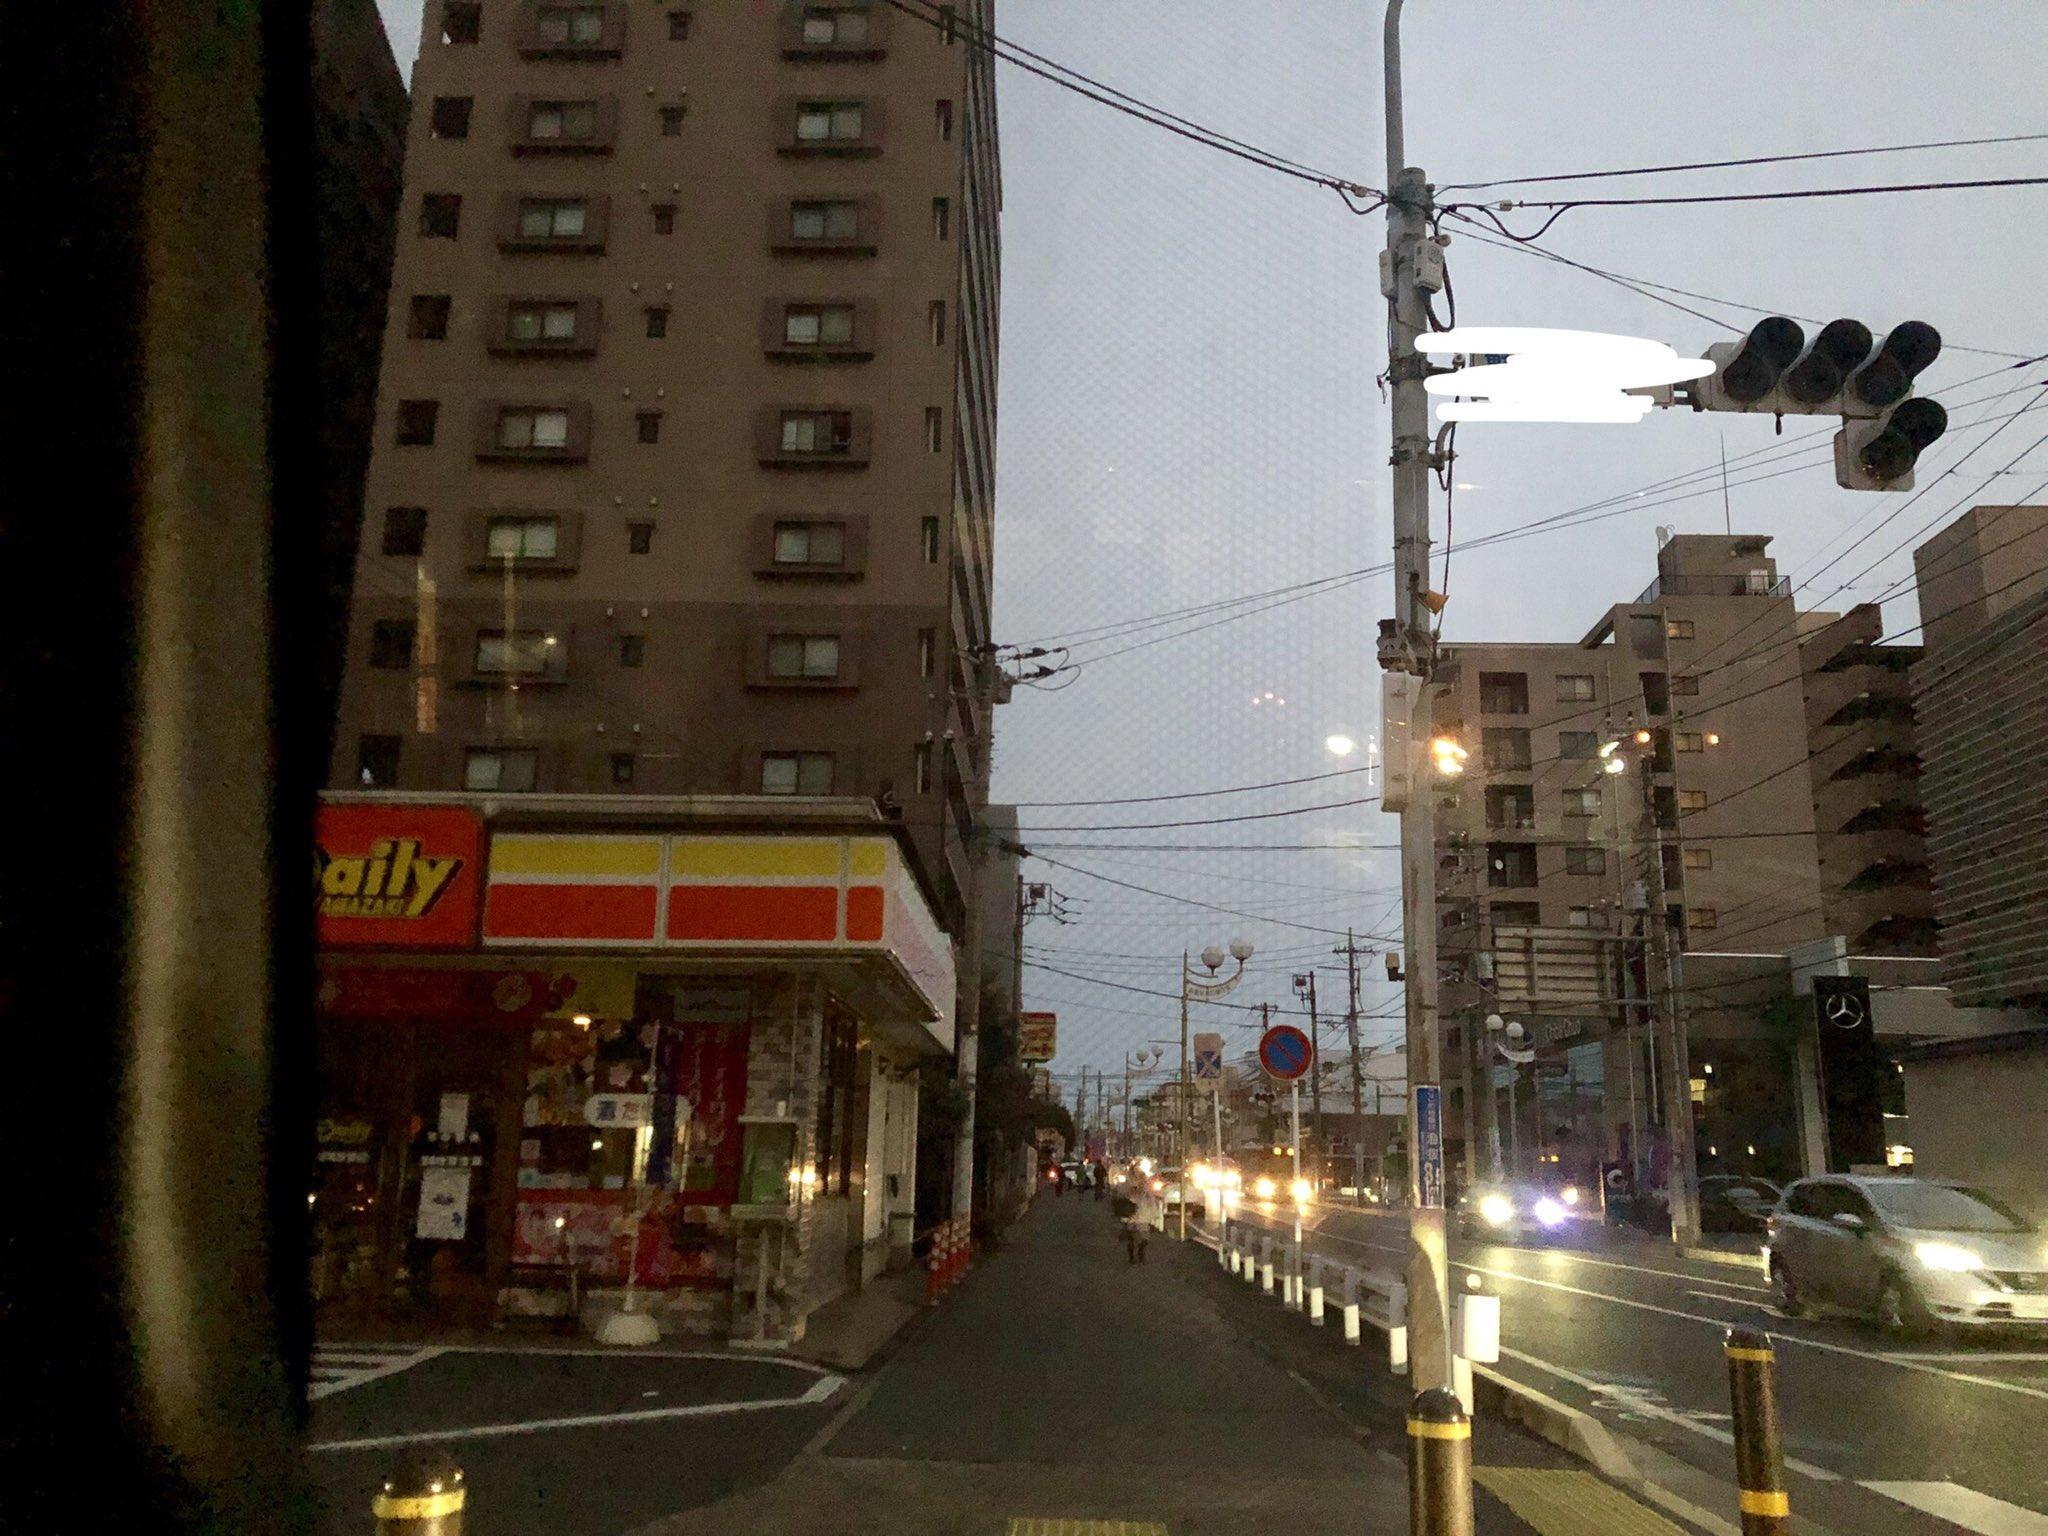 画像,千葉市内停電してる信号つかない怖い https://t.co/9ukajrHQPV。